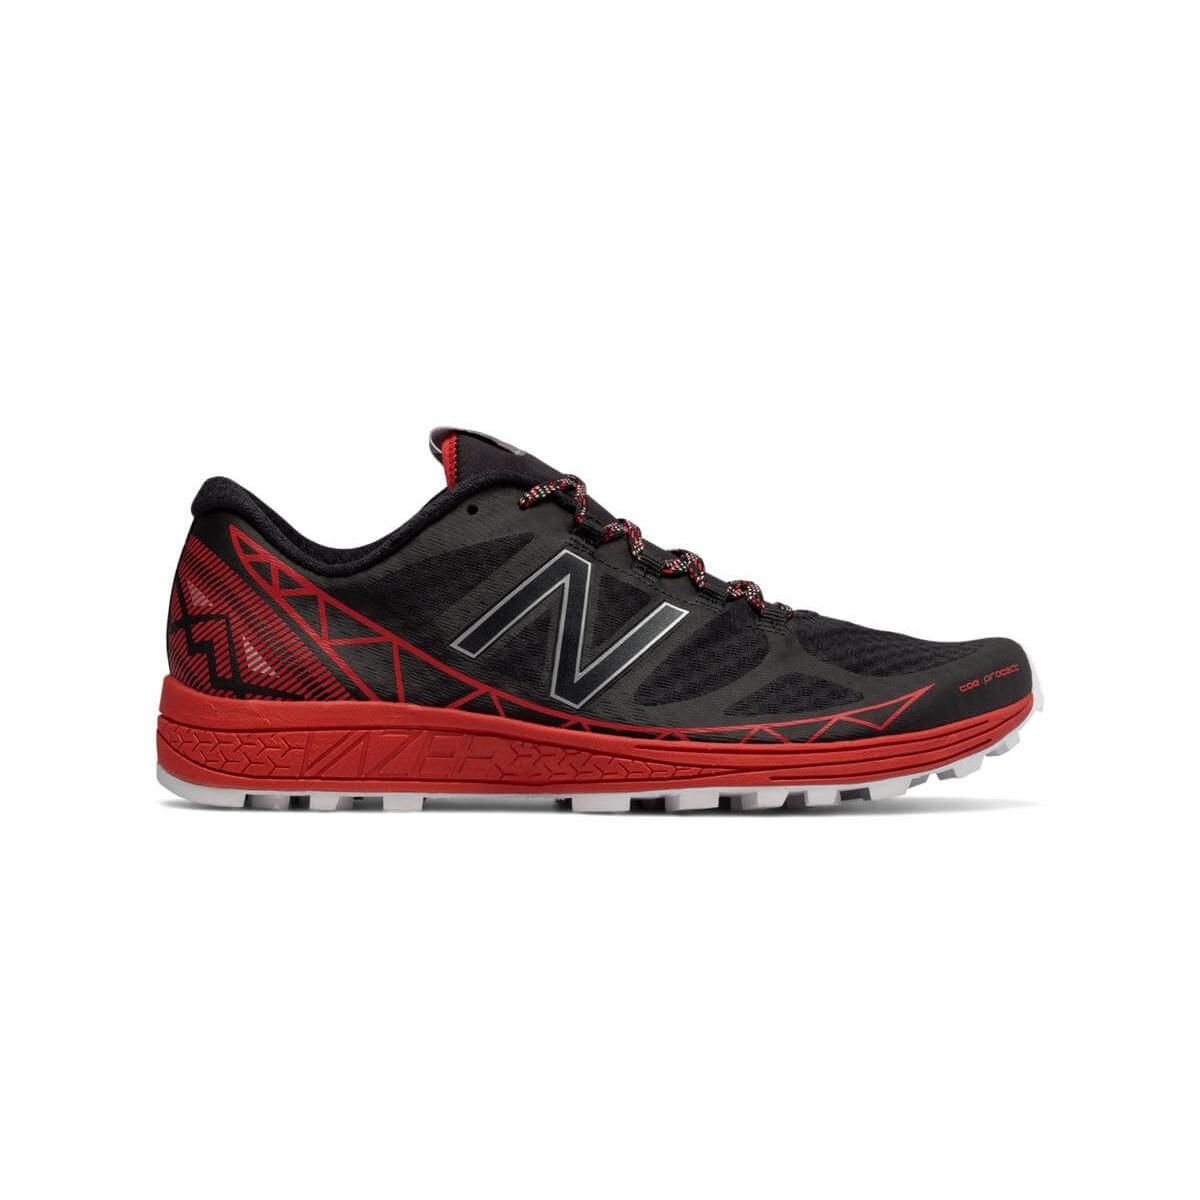 New Balance T690 V2 rojas